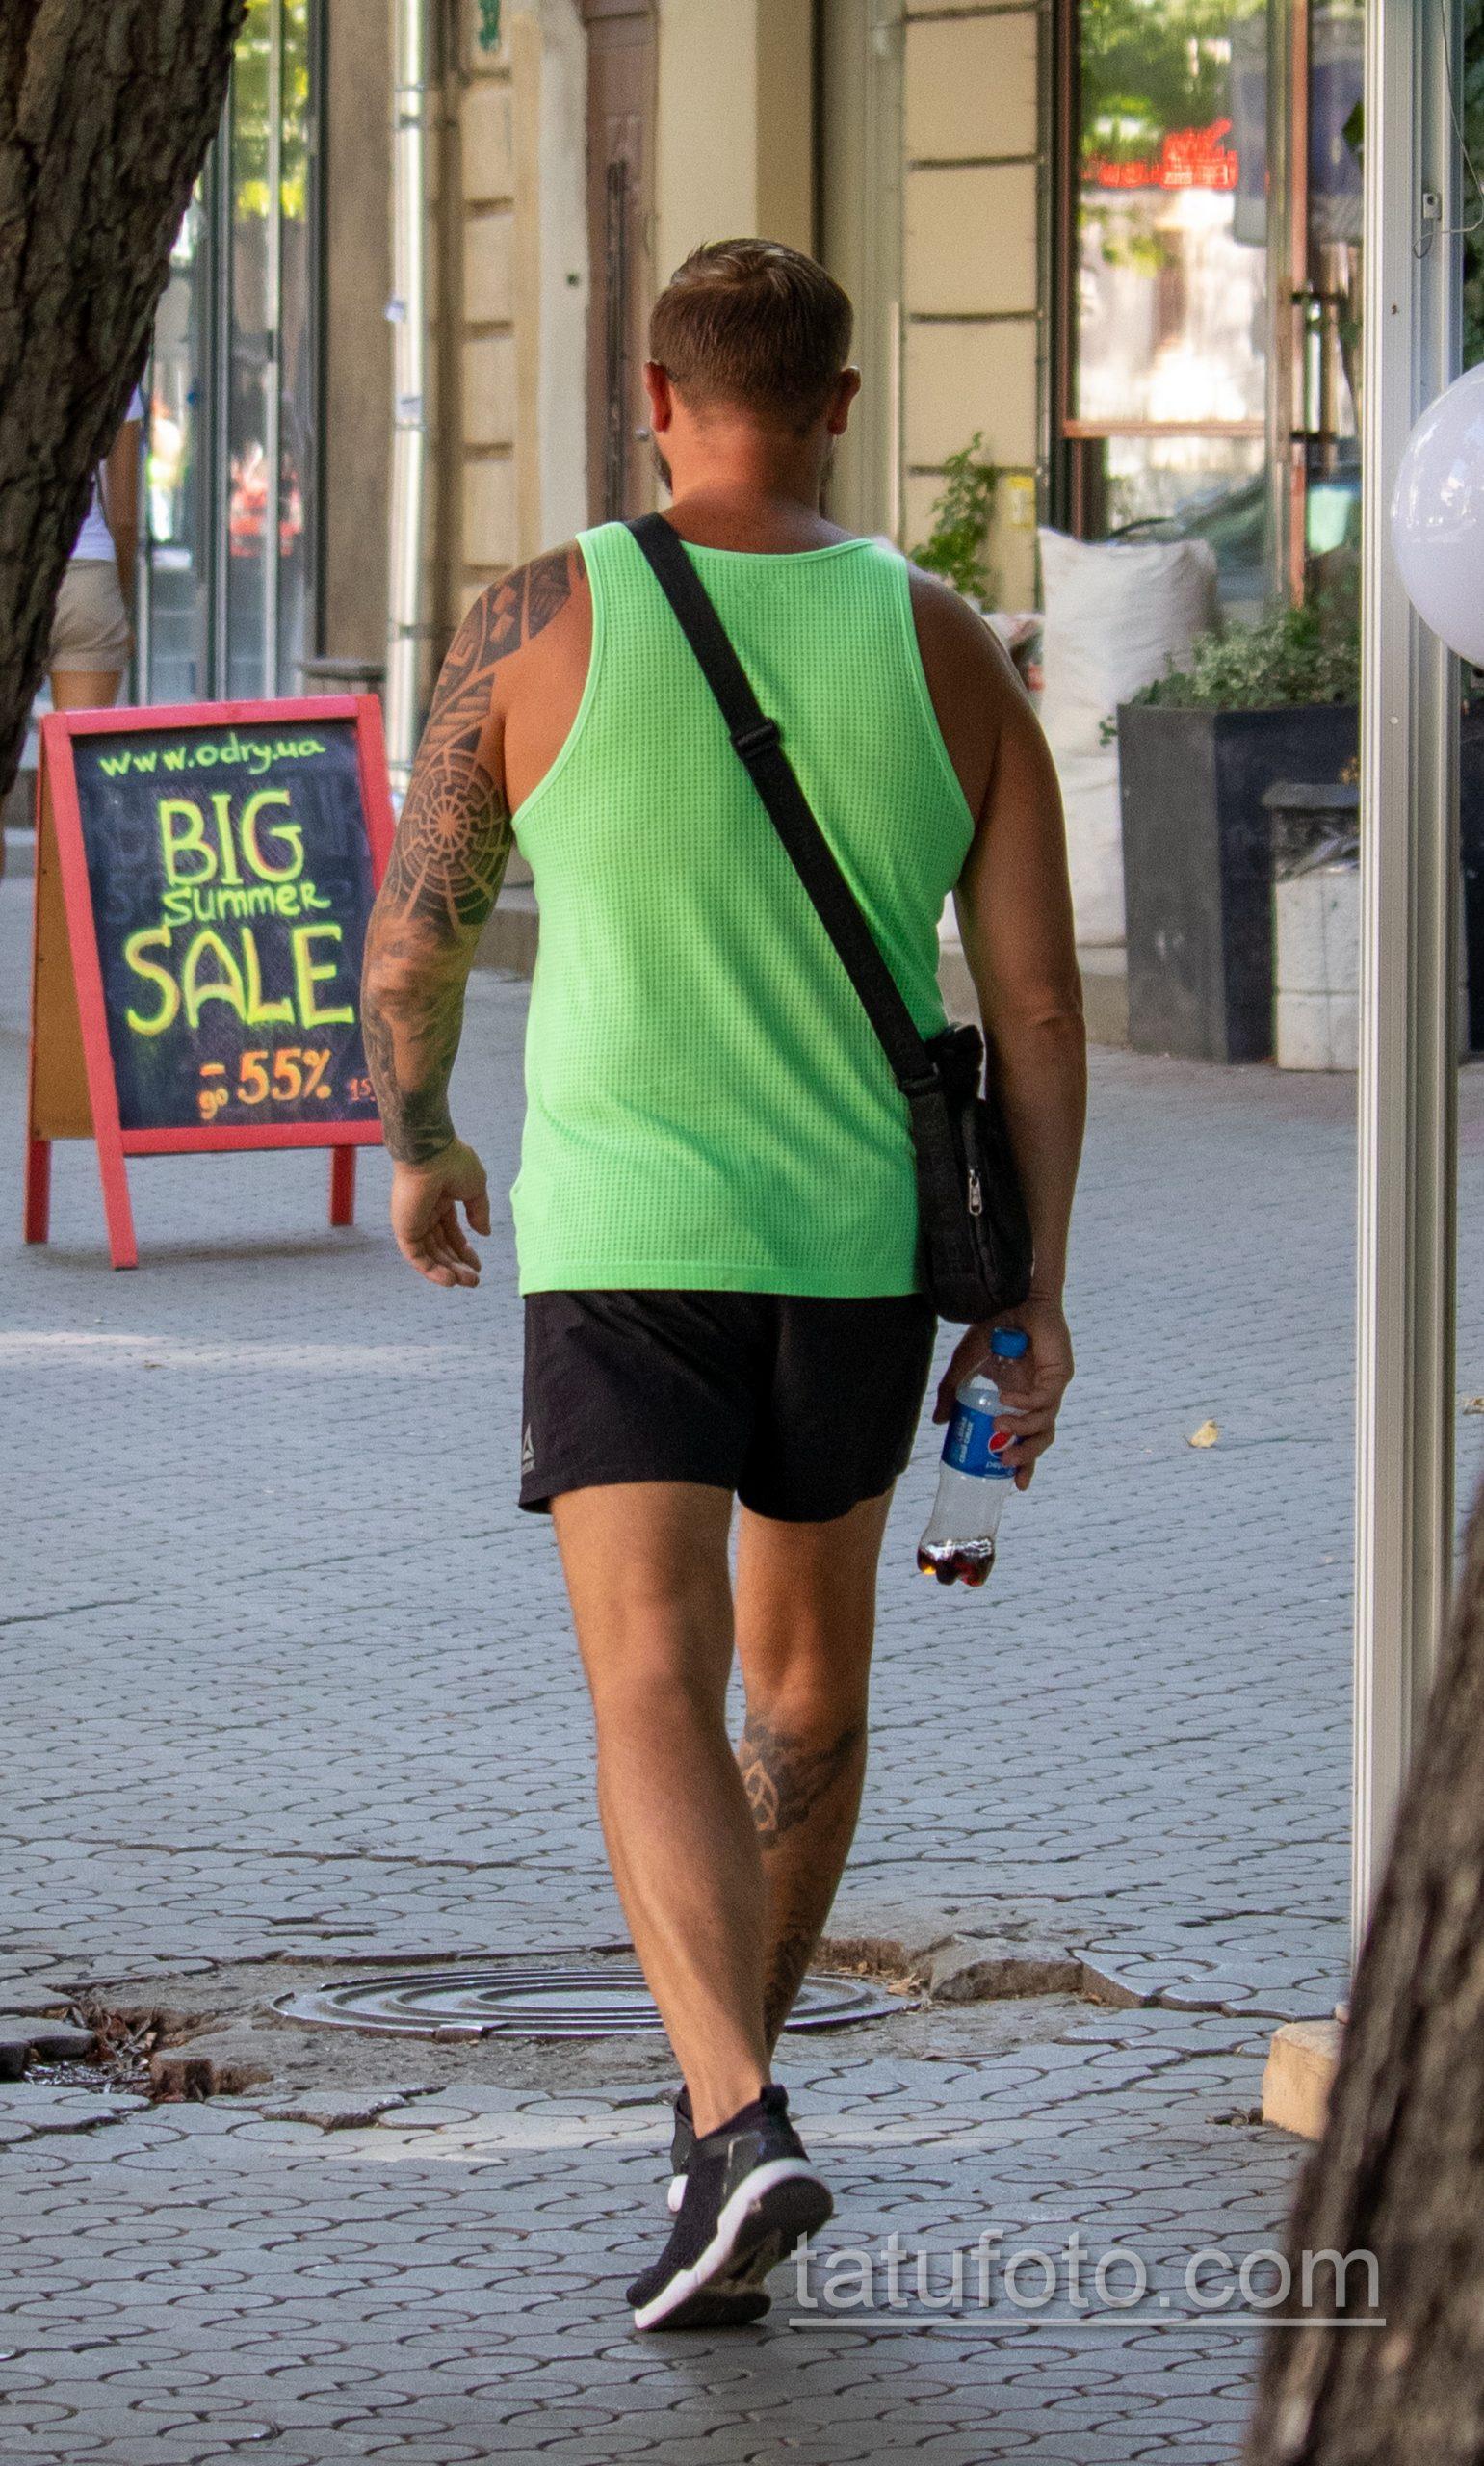 Славянские татуировки на левой руке и правой ноге мужчины - Уличная татуировка 14.09.2020 – tatufoto.com 3